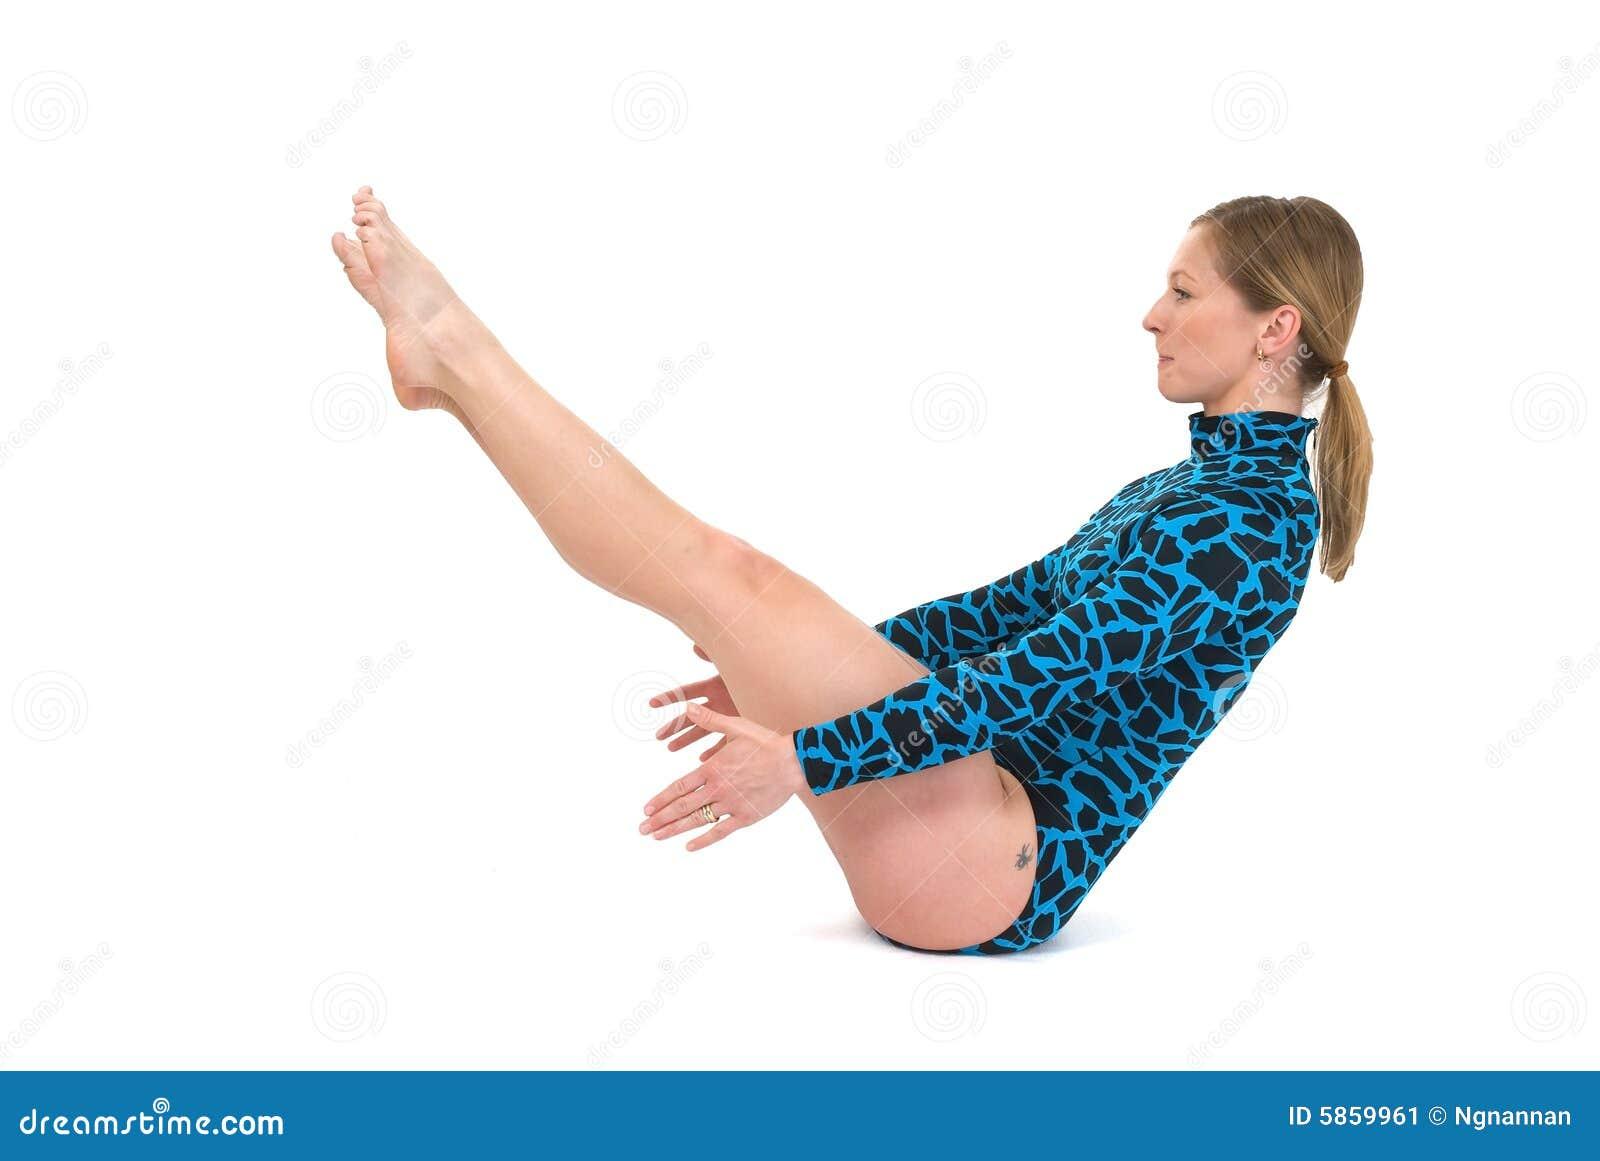 gymnast sitting balance stock image image of artistic 5859961